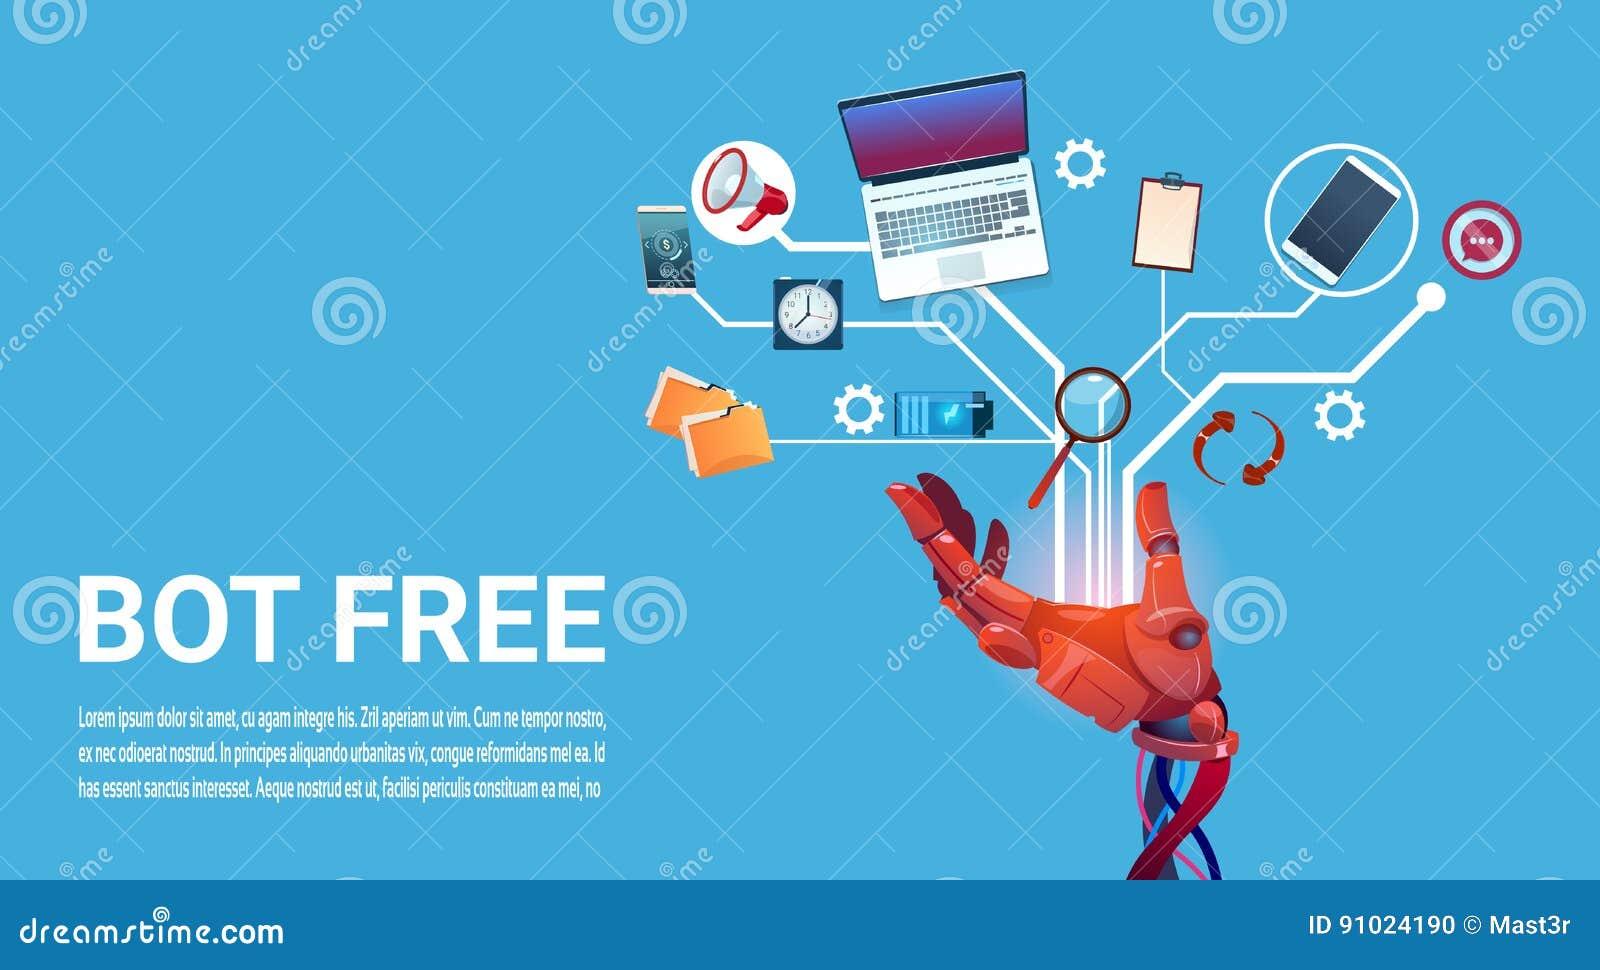 Assistenza virtuale del robot libero del Bot di chiacchierata delle applicazioni del cellulare o del sito Web, concetto di intell